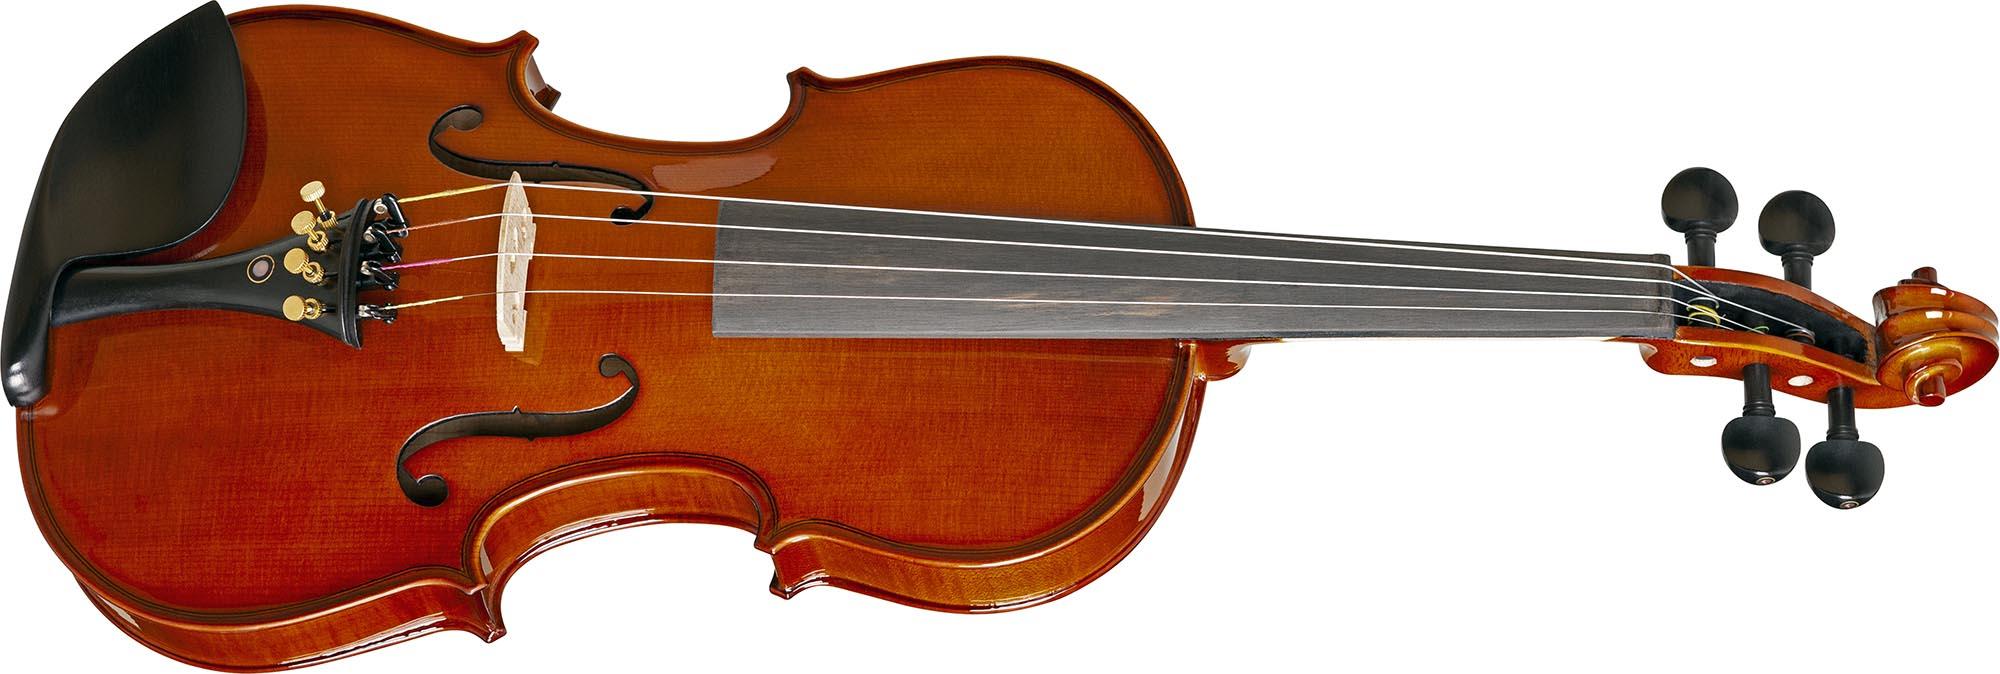 ve144 violino eagle ve144 visao frontal